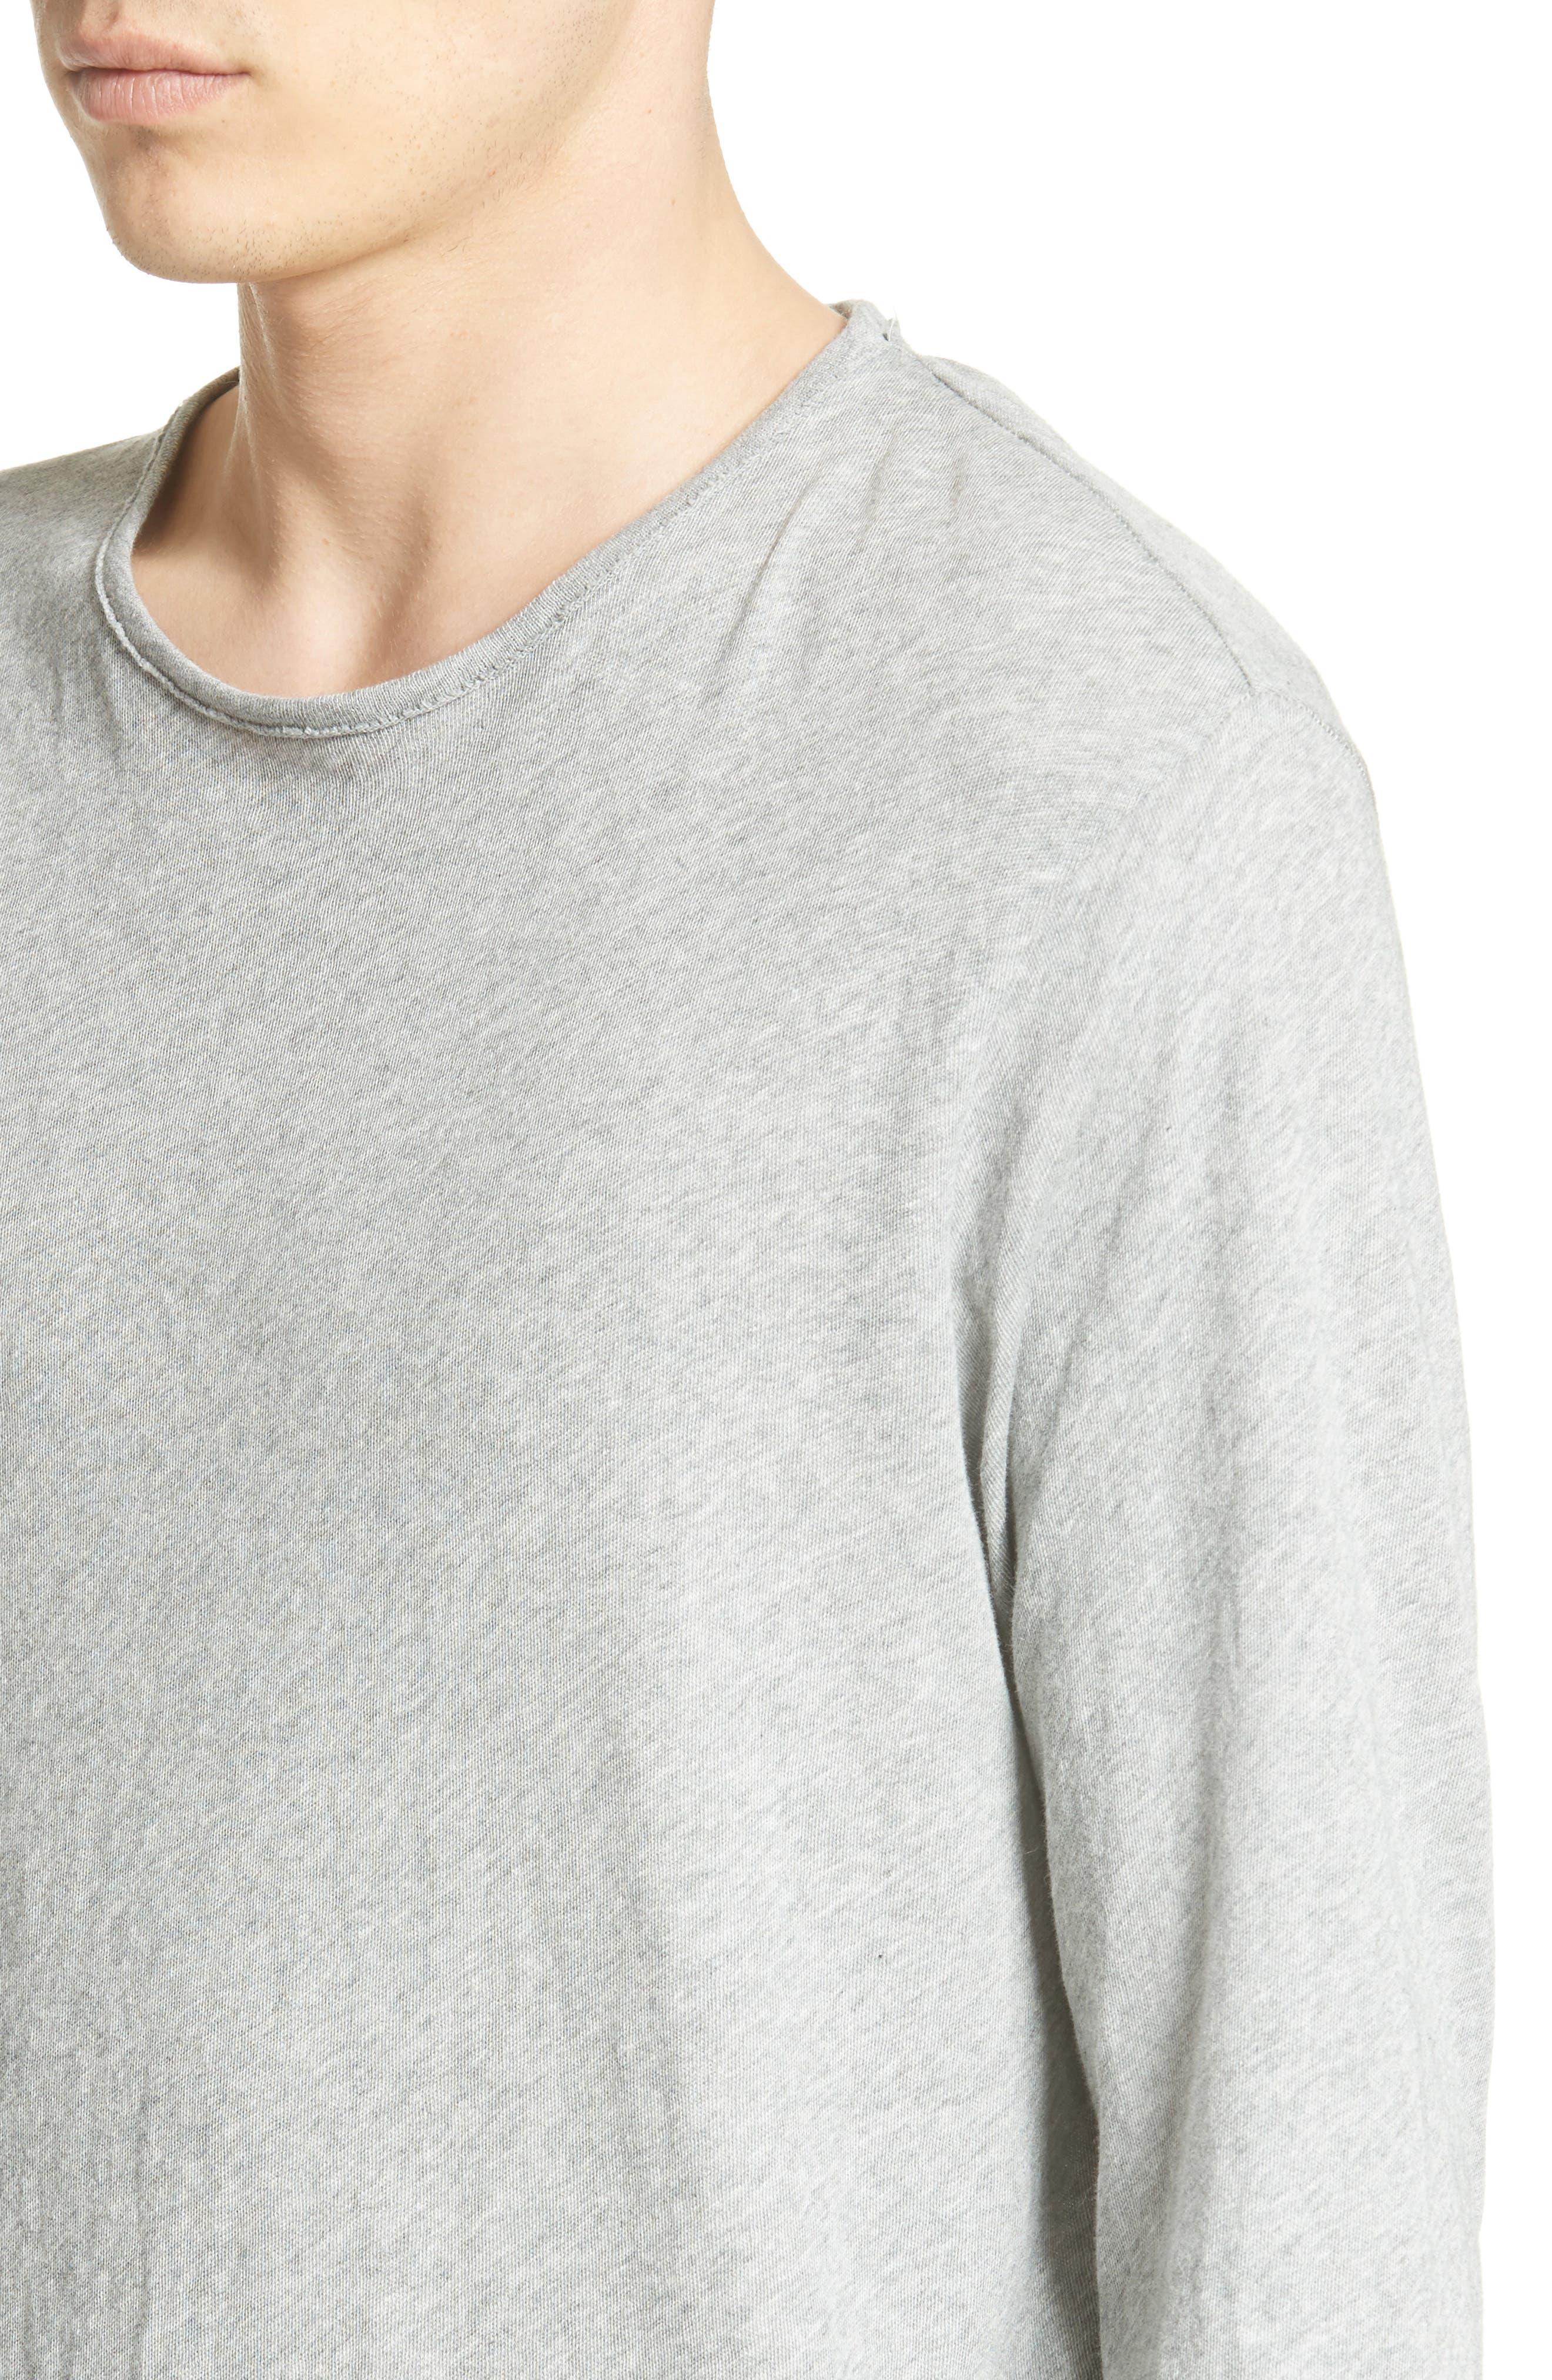 Hartley Cotton & Linen T-Shirt,                             Alternate thumbnail 4, color,                             034